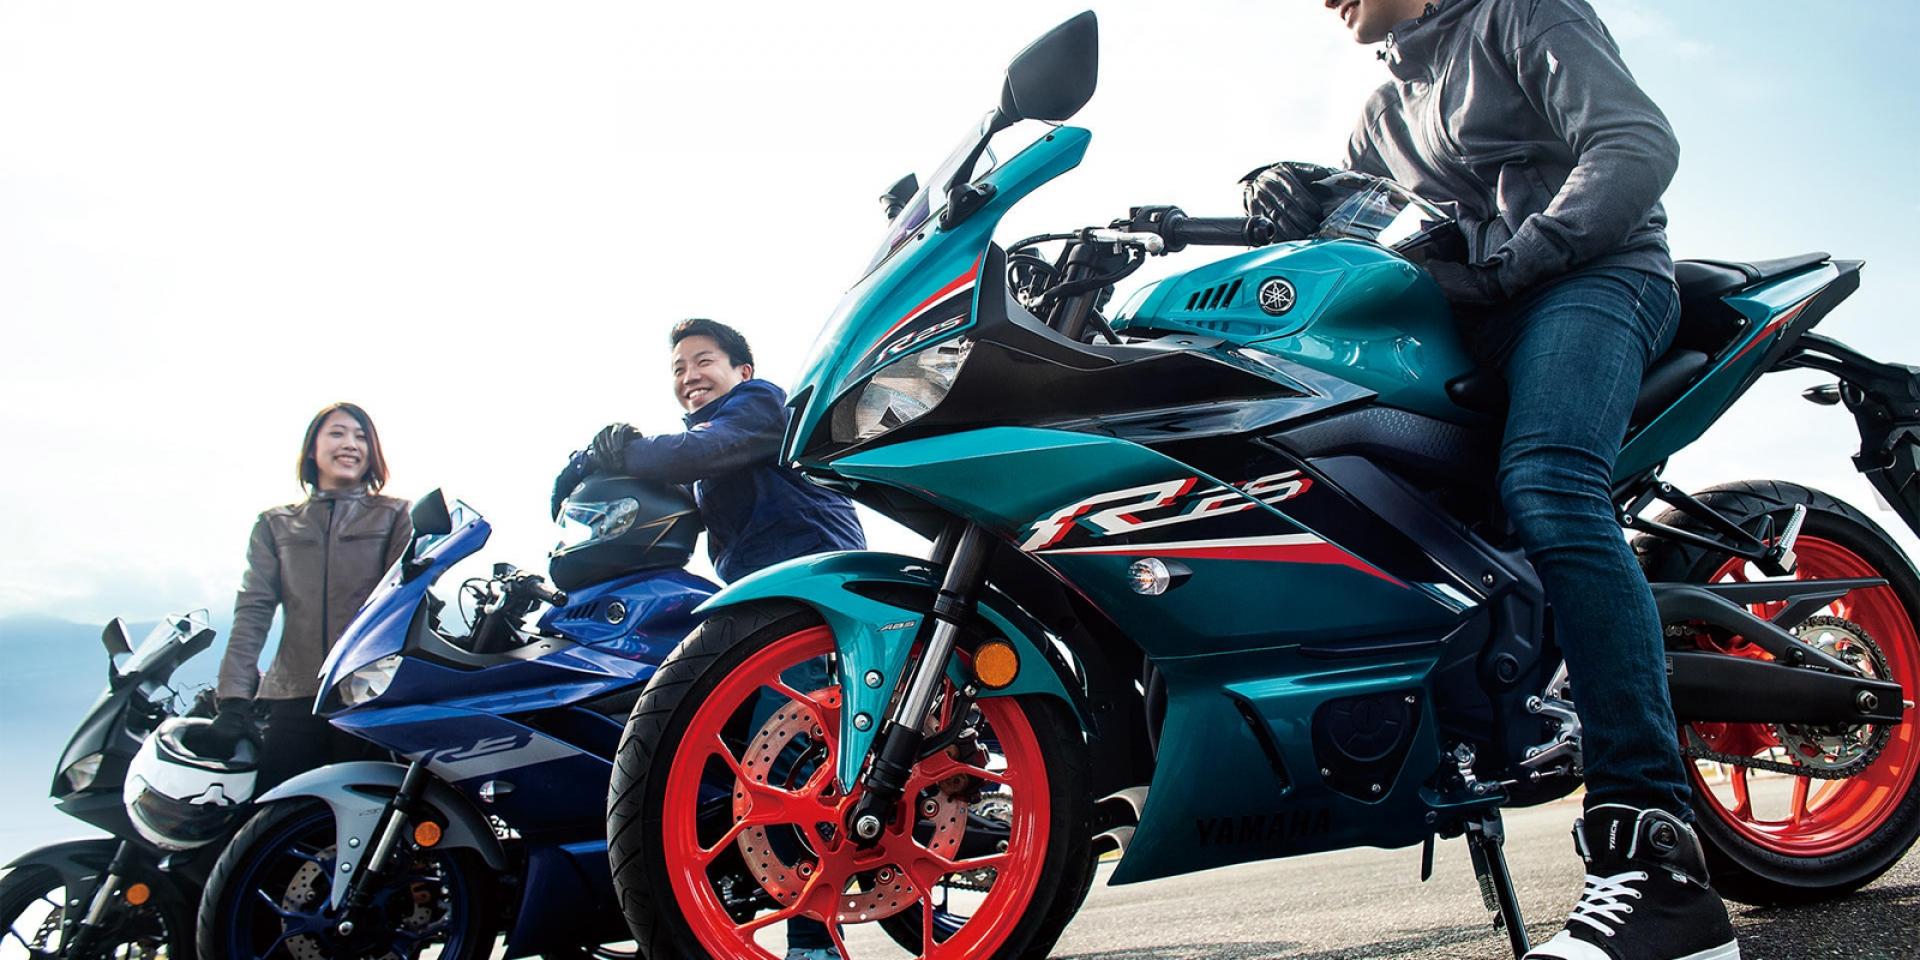 2021 Yamaha YZF-R3/R25 搶眼新色登場!